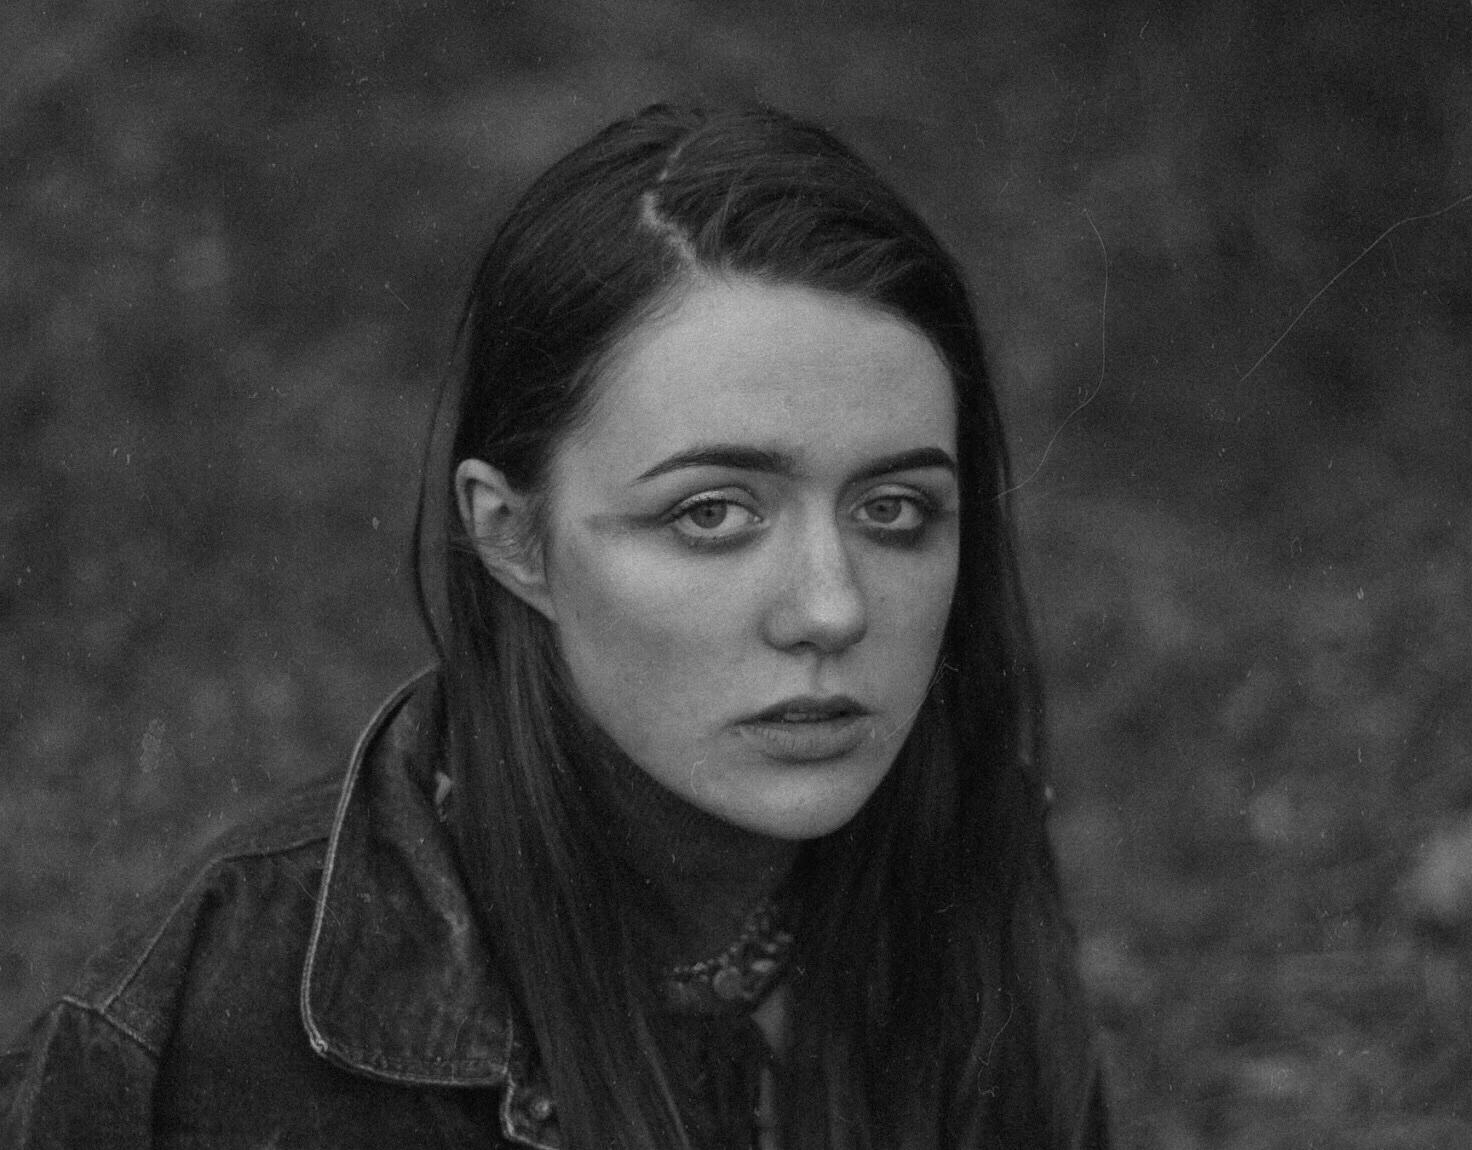 Christy Copley - PHOTOS